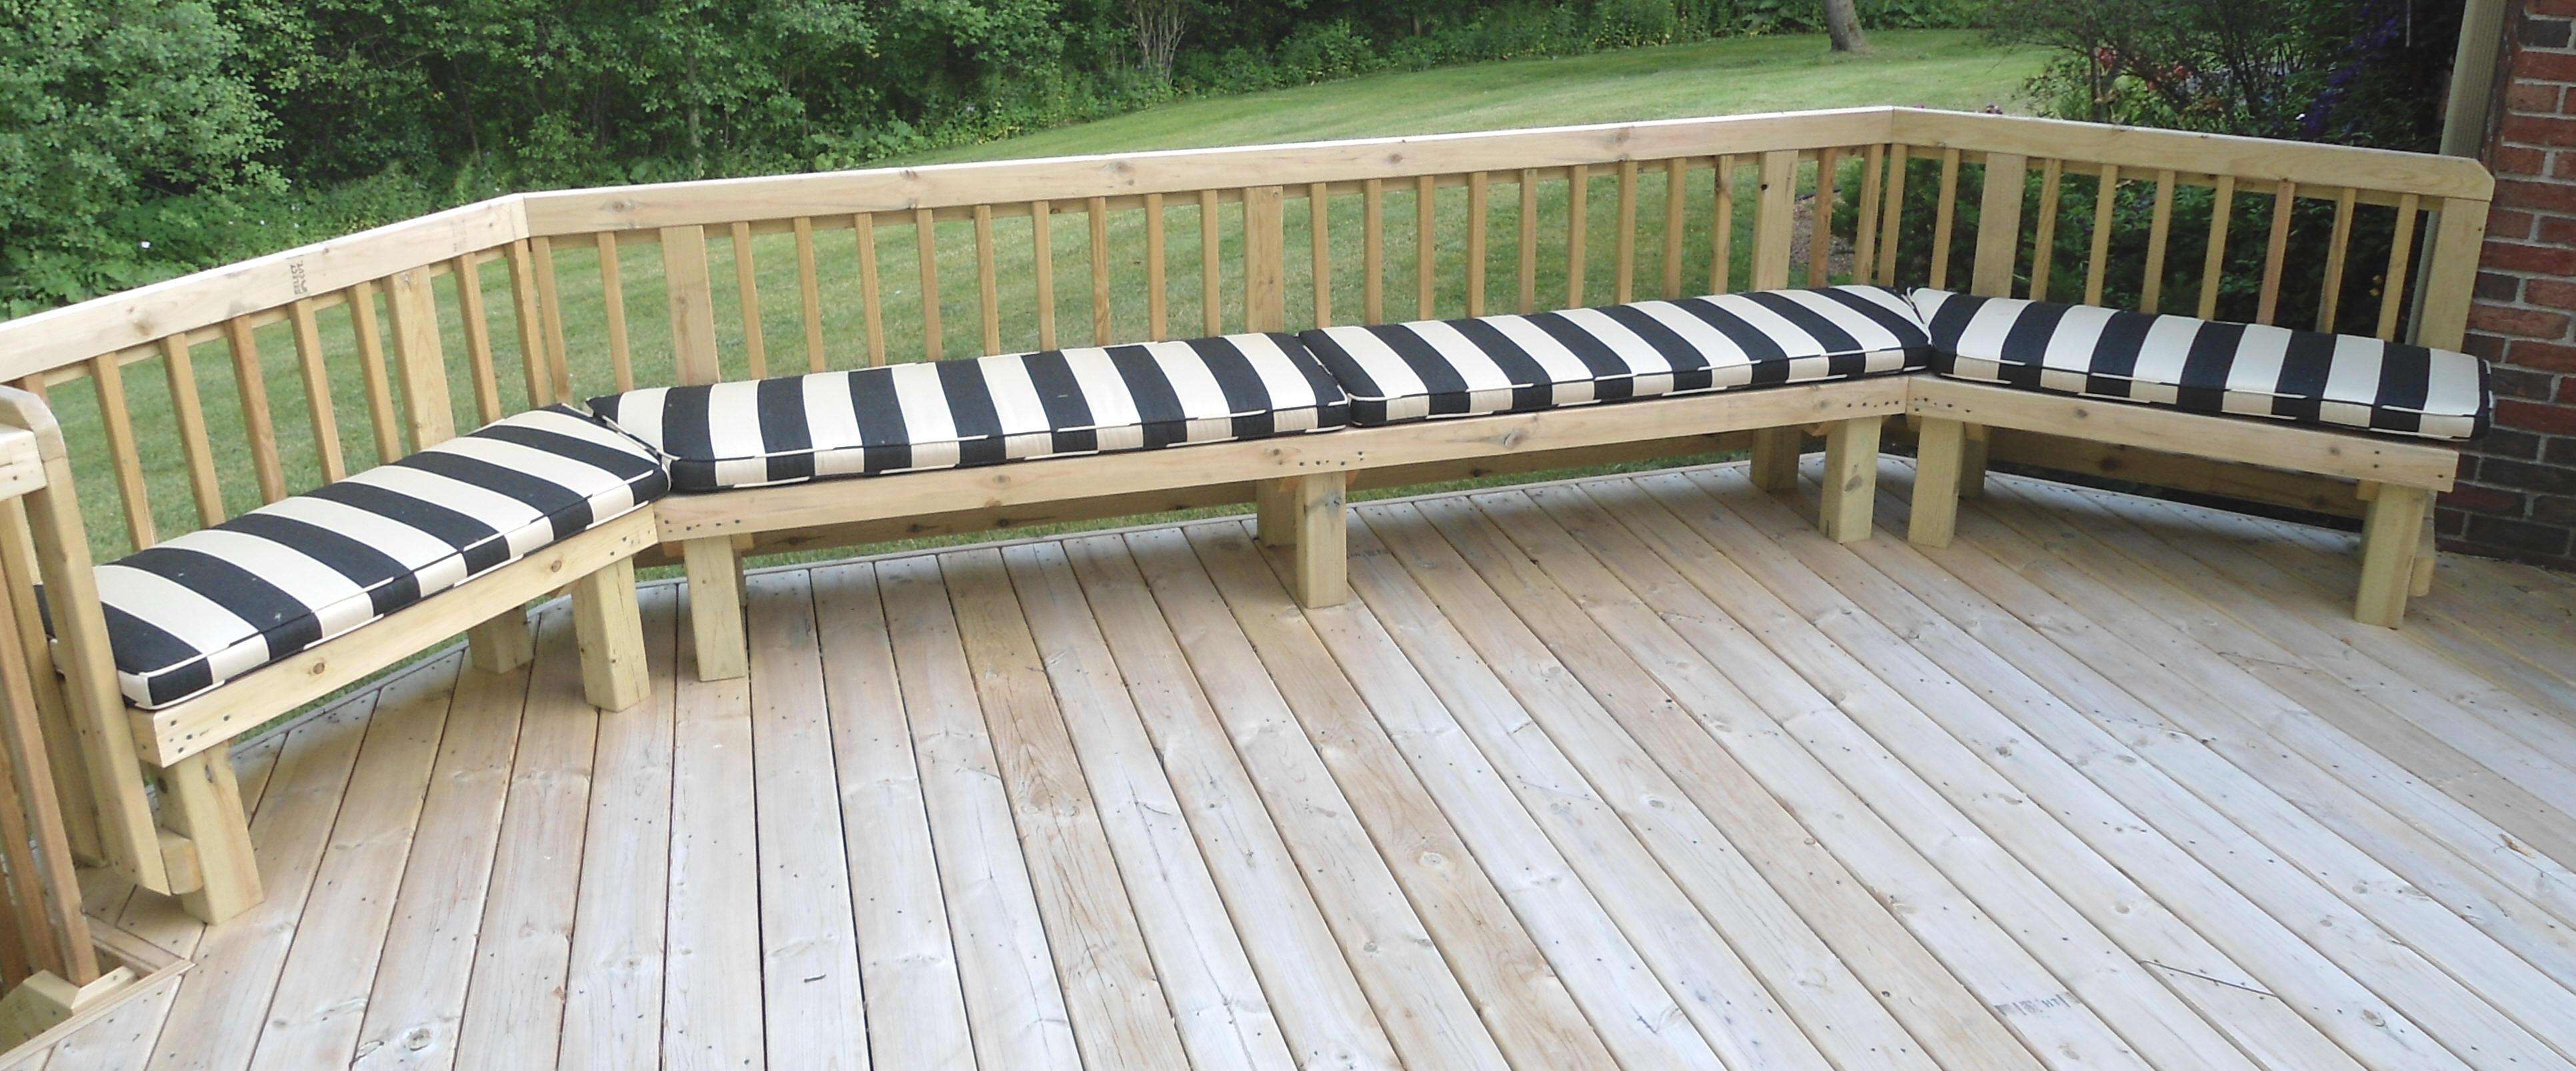 Outdoor Foam Cushion, Waterproof Foam, Patio Cushion, Furniture Cushions